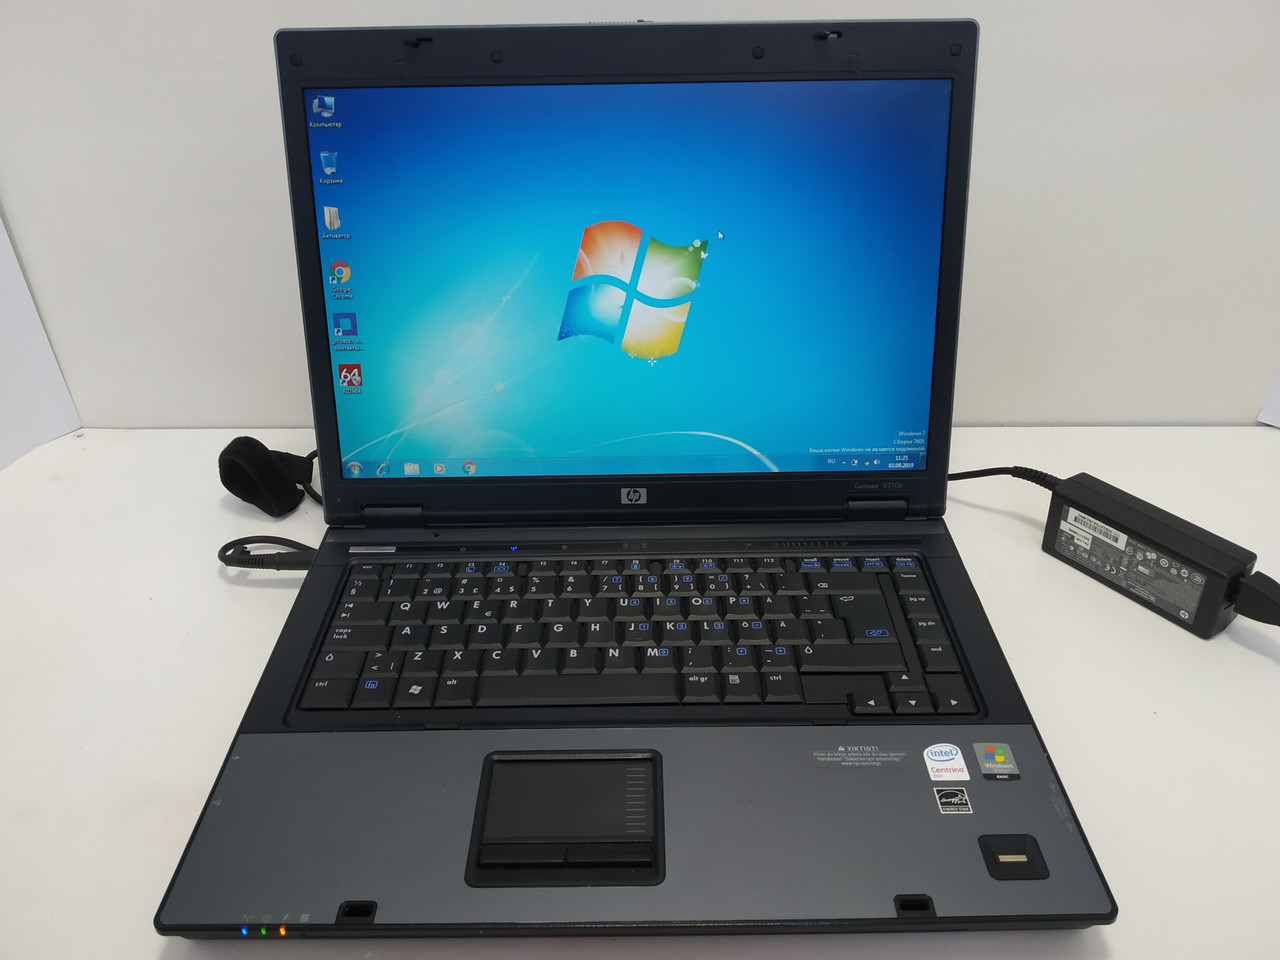 """15.4""""  HP compaq 6710b, 4 ГБ ОЗУ, 2 ядра Intel Т8100 2.1, 160GB, Настроен и готов к работе!"""